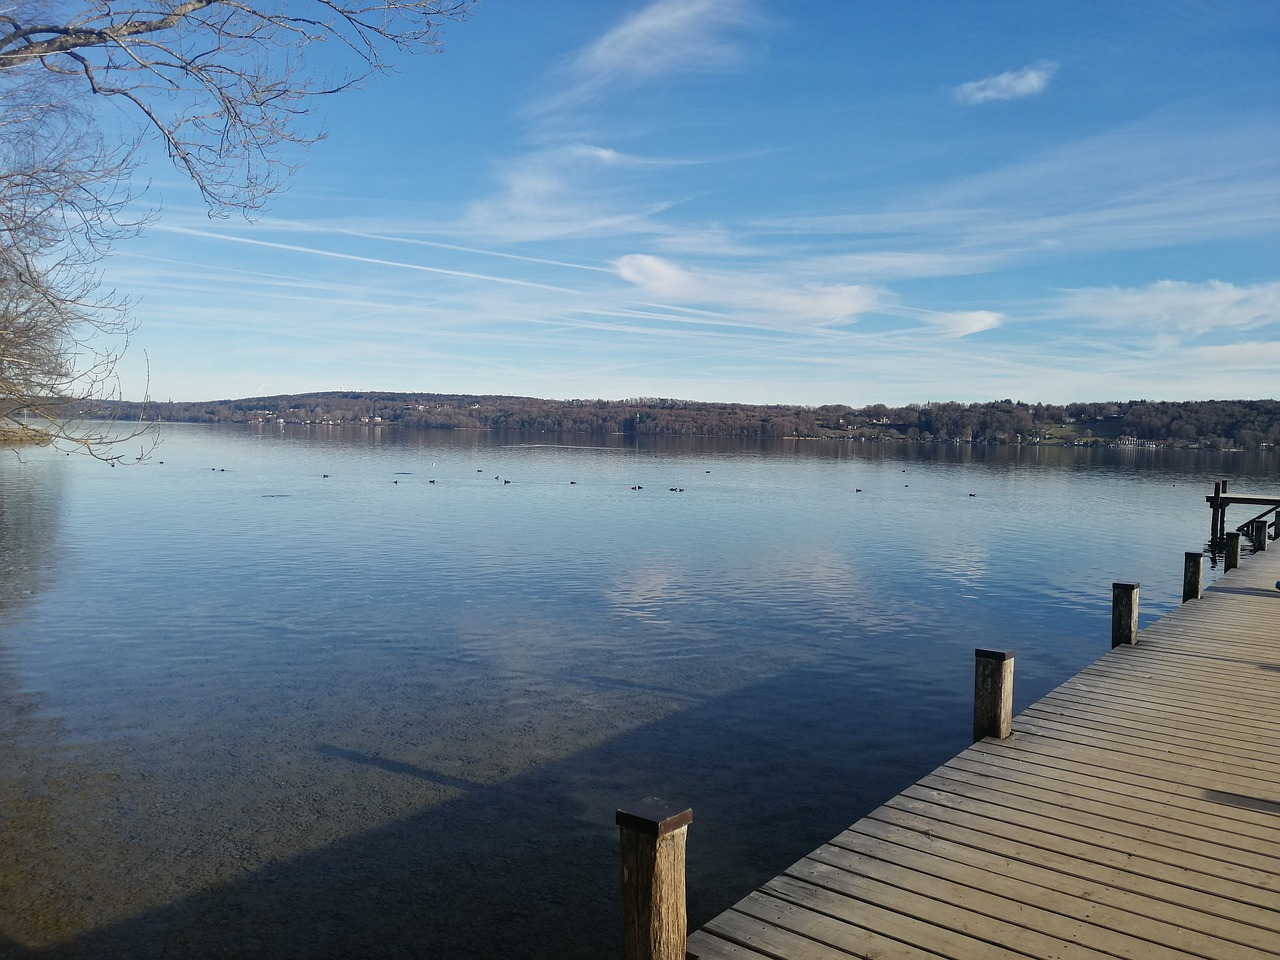 Das Bild zeigt den Starnberger See